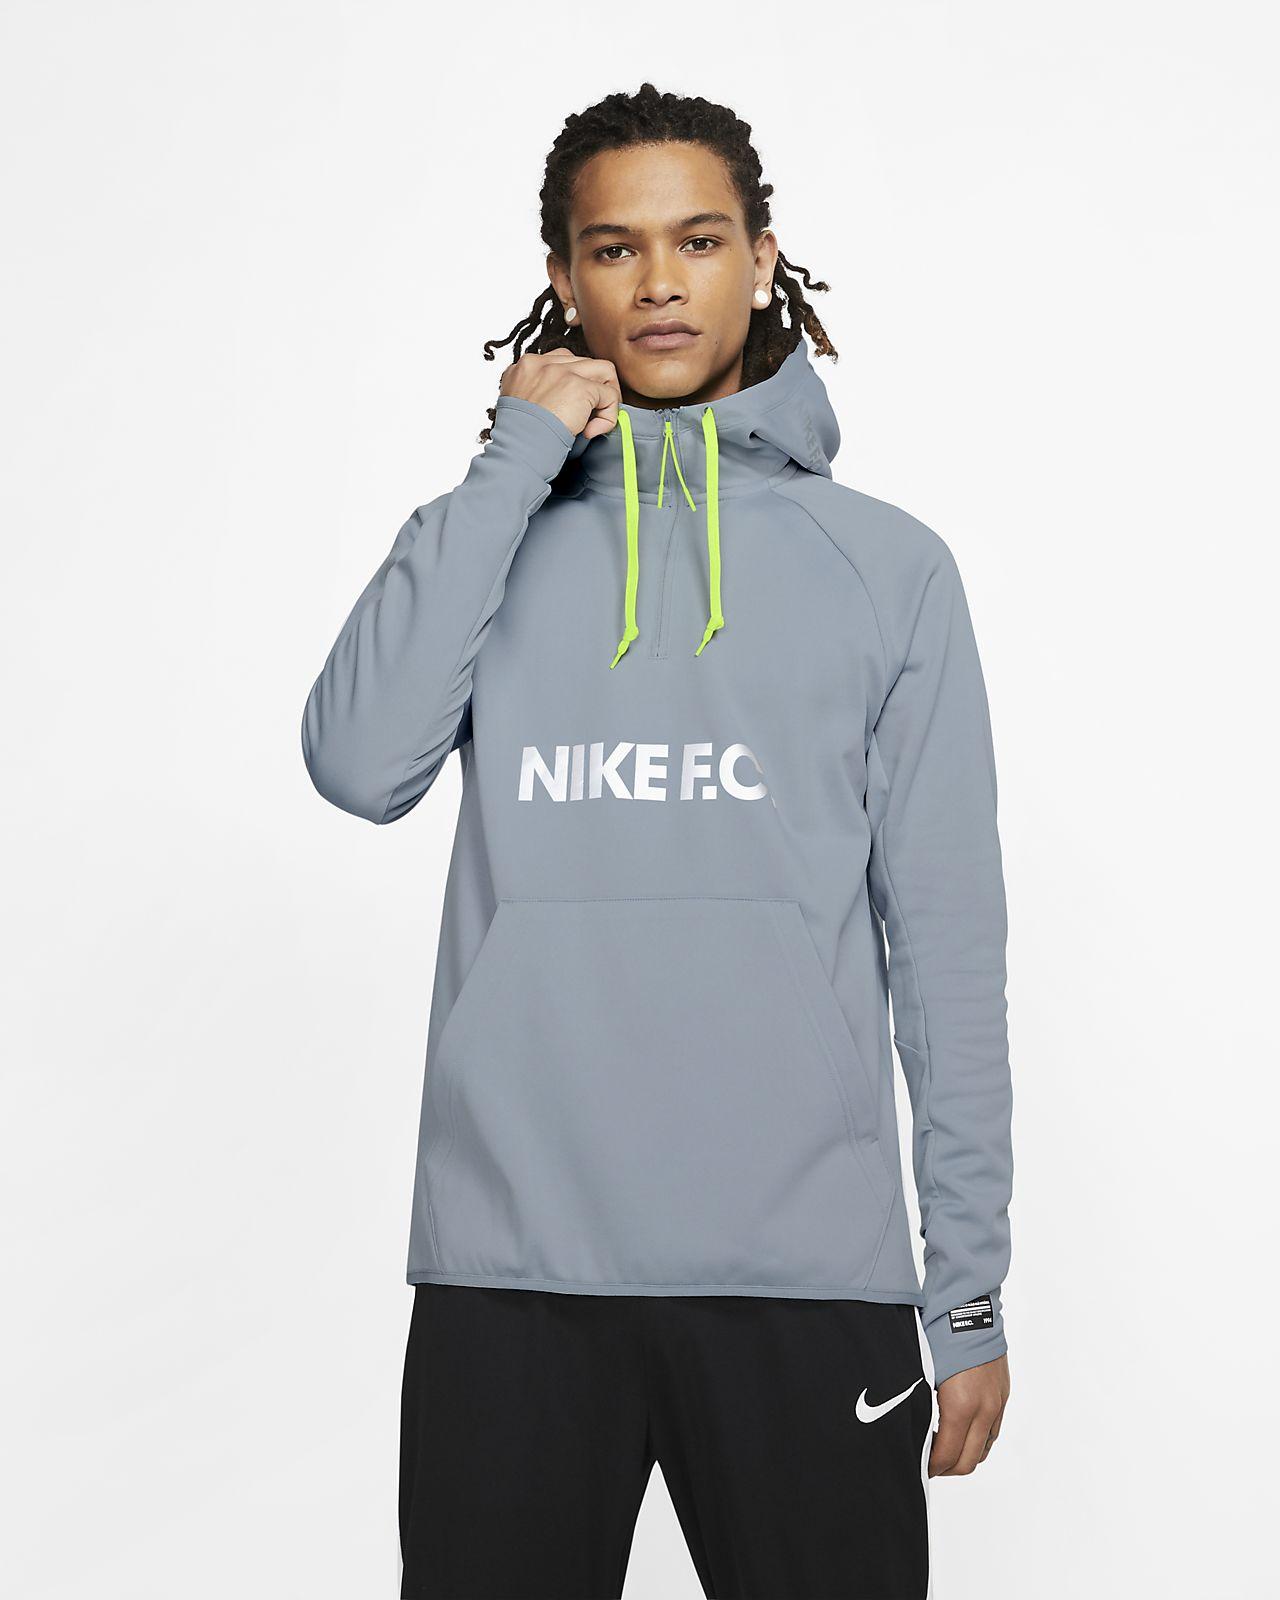 Nike F.C. Kapüşonlu Futbol Üstü